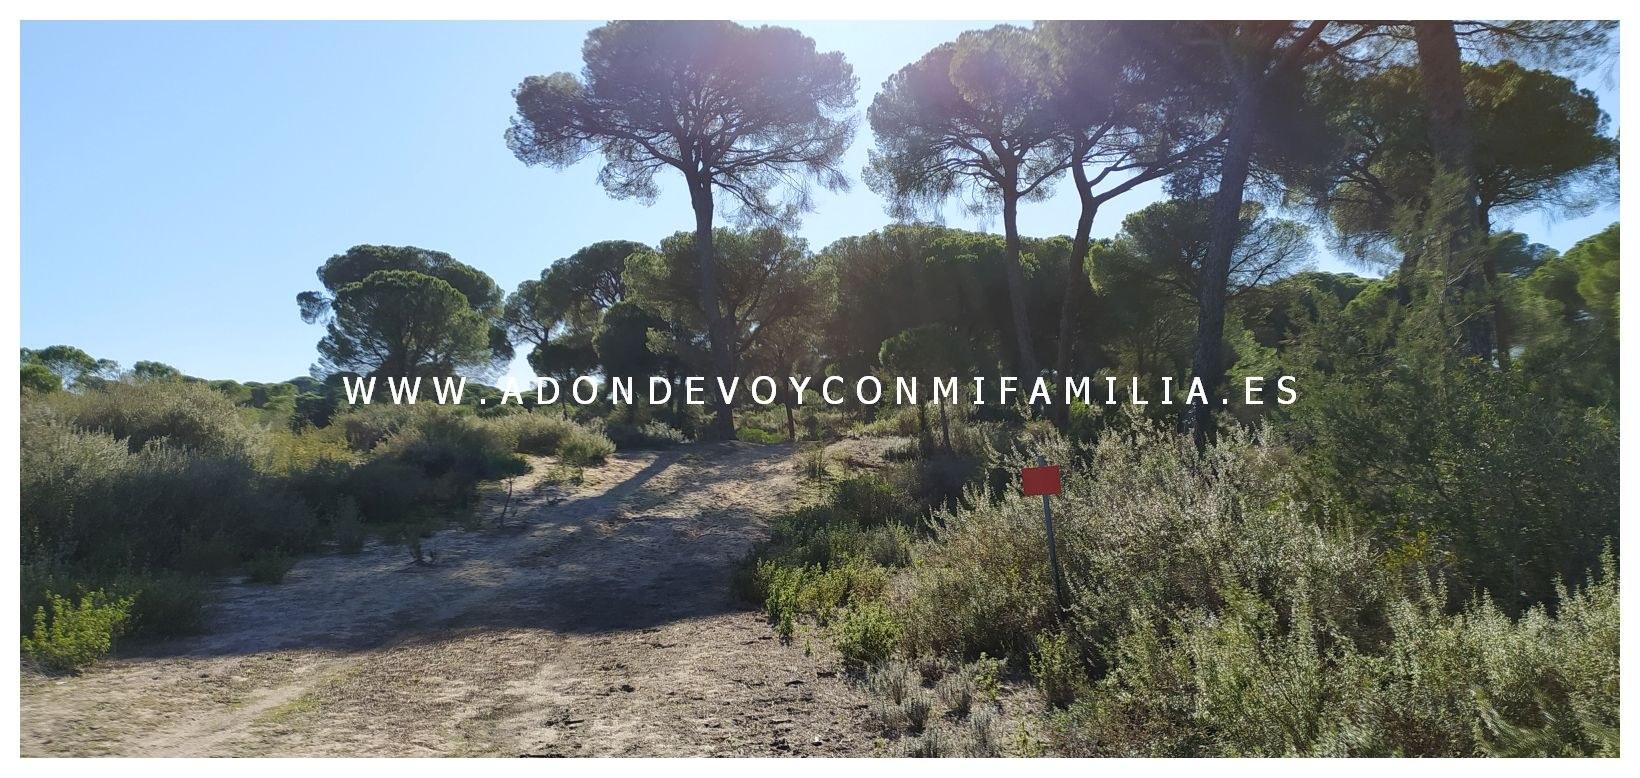 sendero-cerro-del-aguila-pinar-de-la-algaida-sanlucar-adondevoyconmifamilia-10